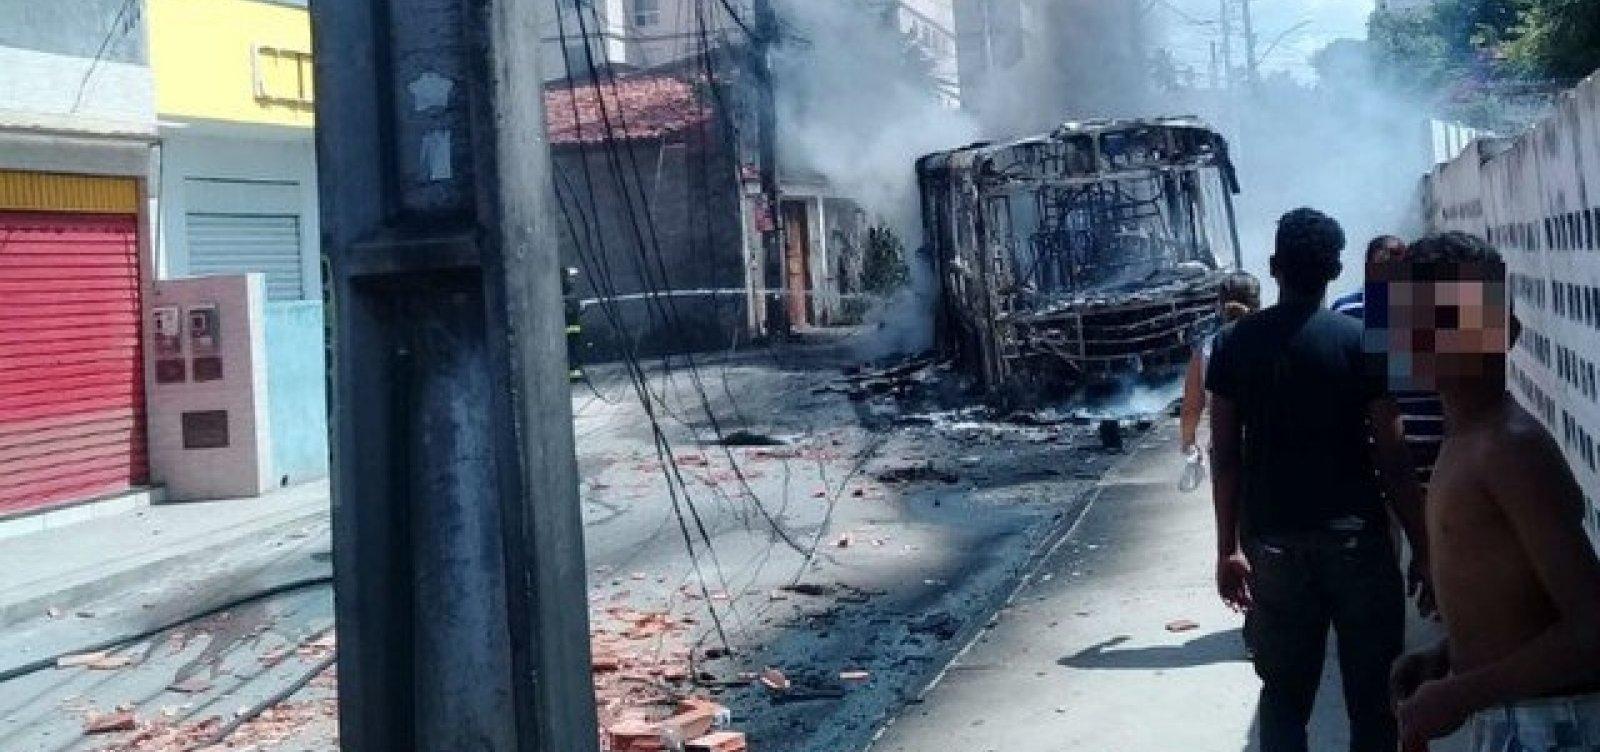 Manifestantes queimam ônibus no Jardim das Margaridas após morte de morador